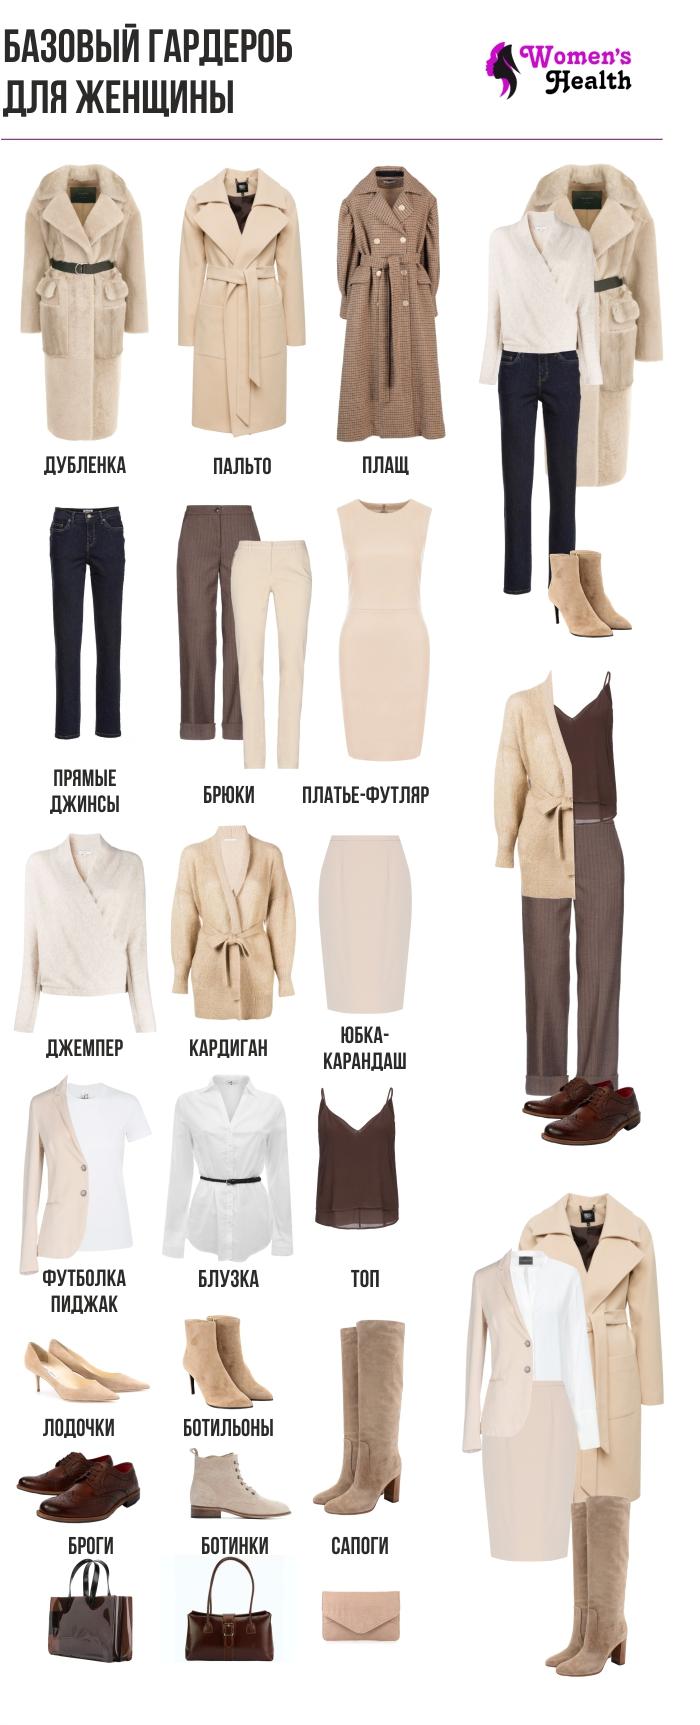 Инфографика. Список вещей для базового гардероба женщины 45 лет.